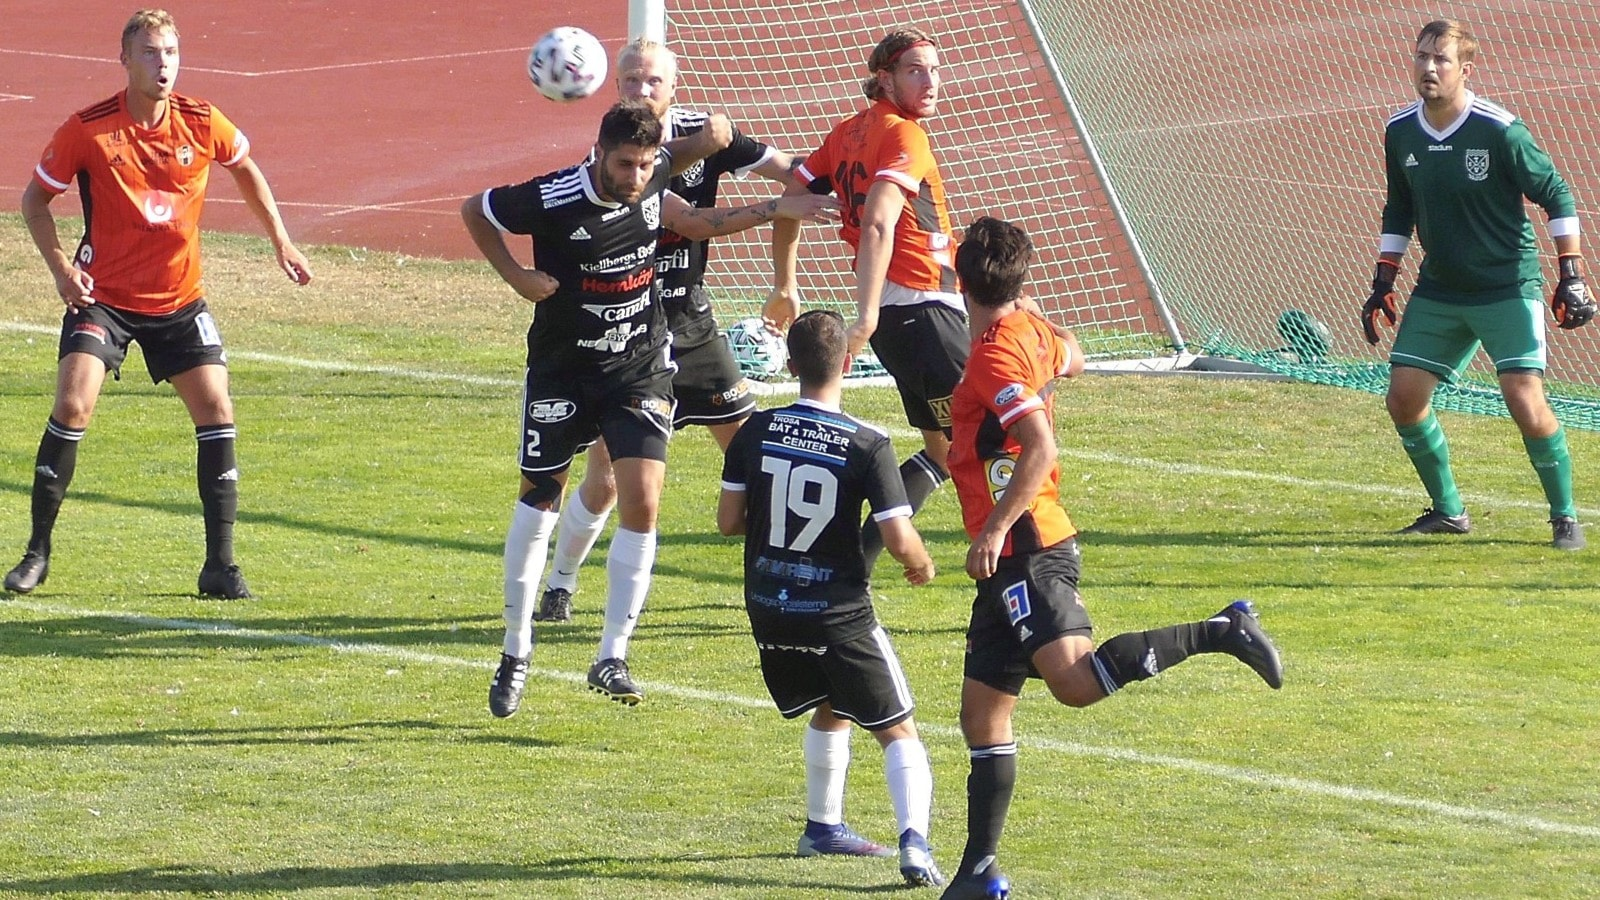 FC Gute gotländska mästare – första vinsten efter tränarbytet